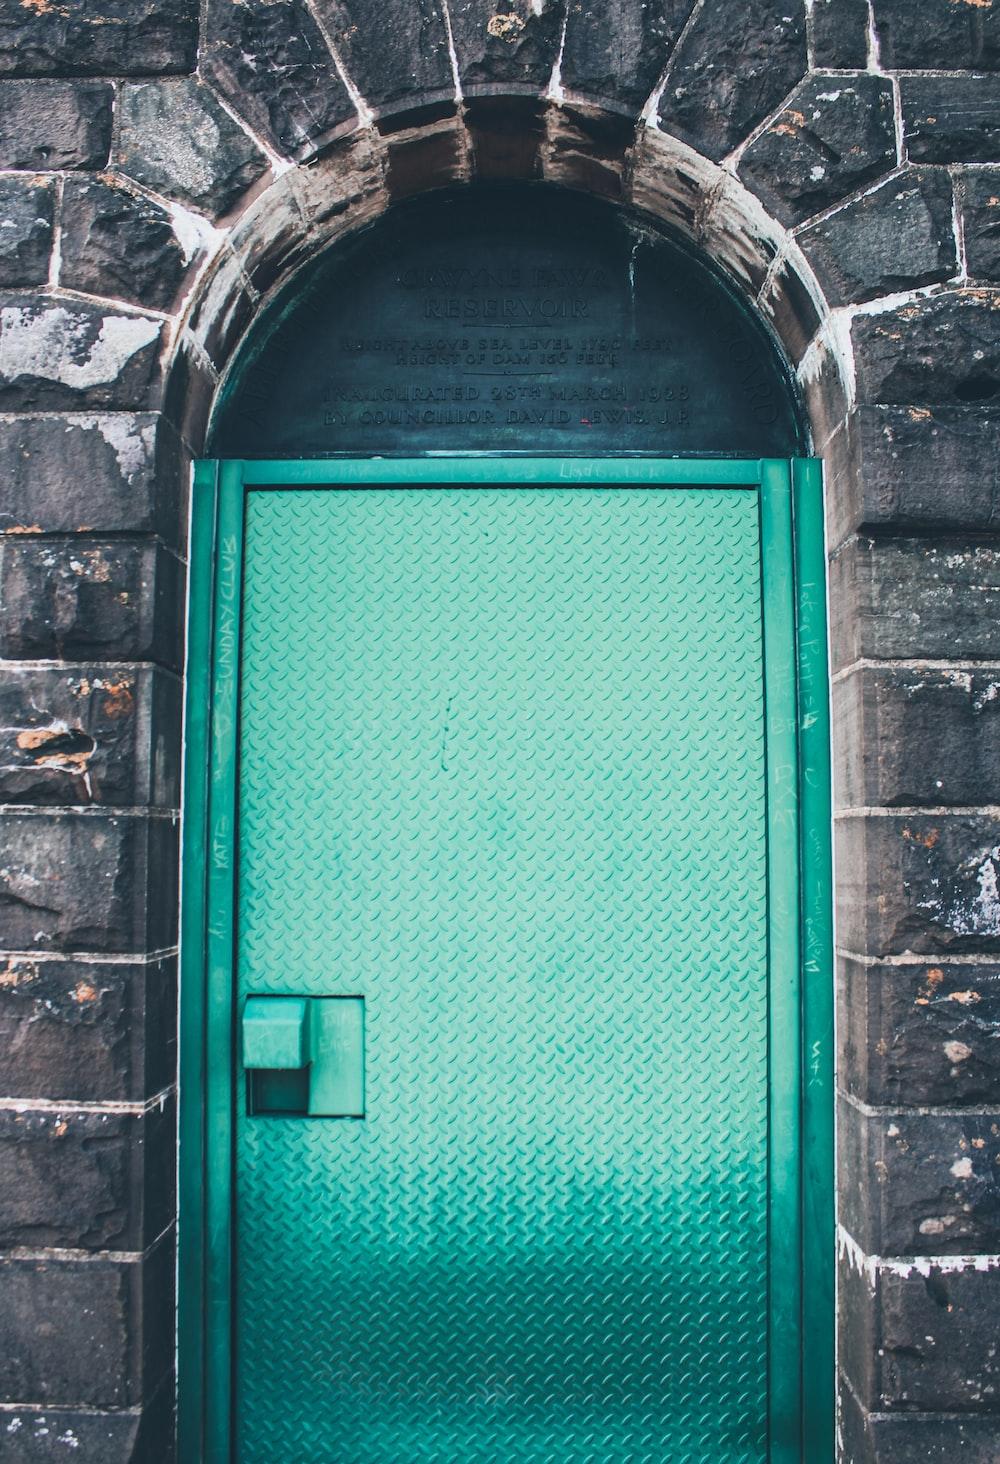 green wooden door on brick wall